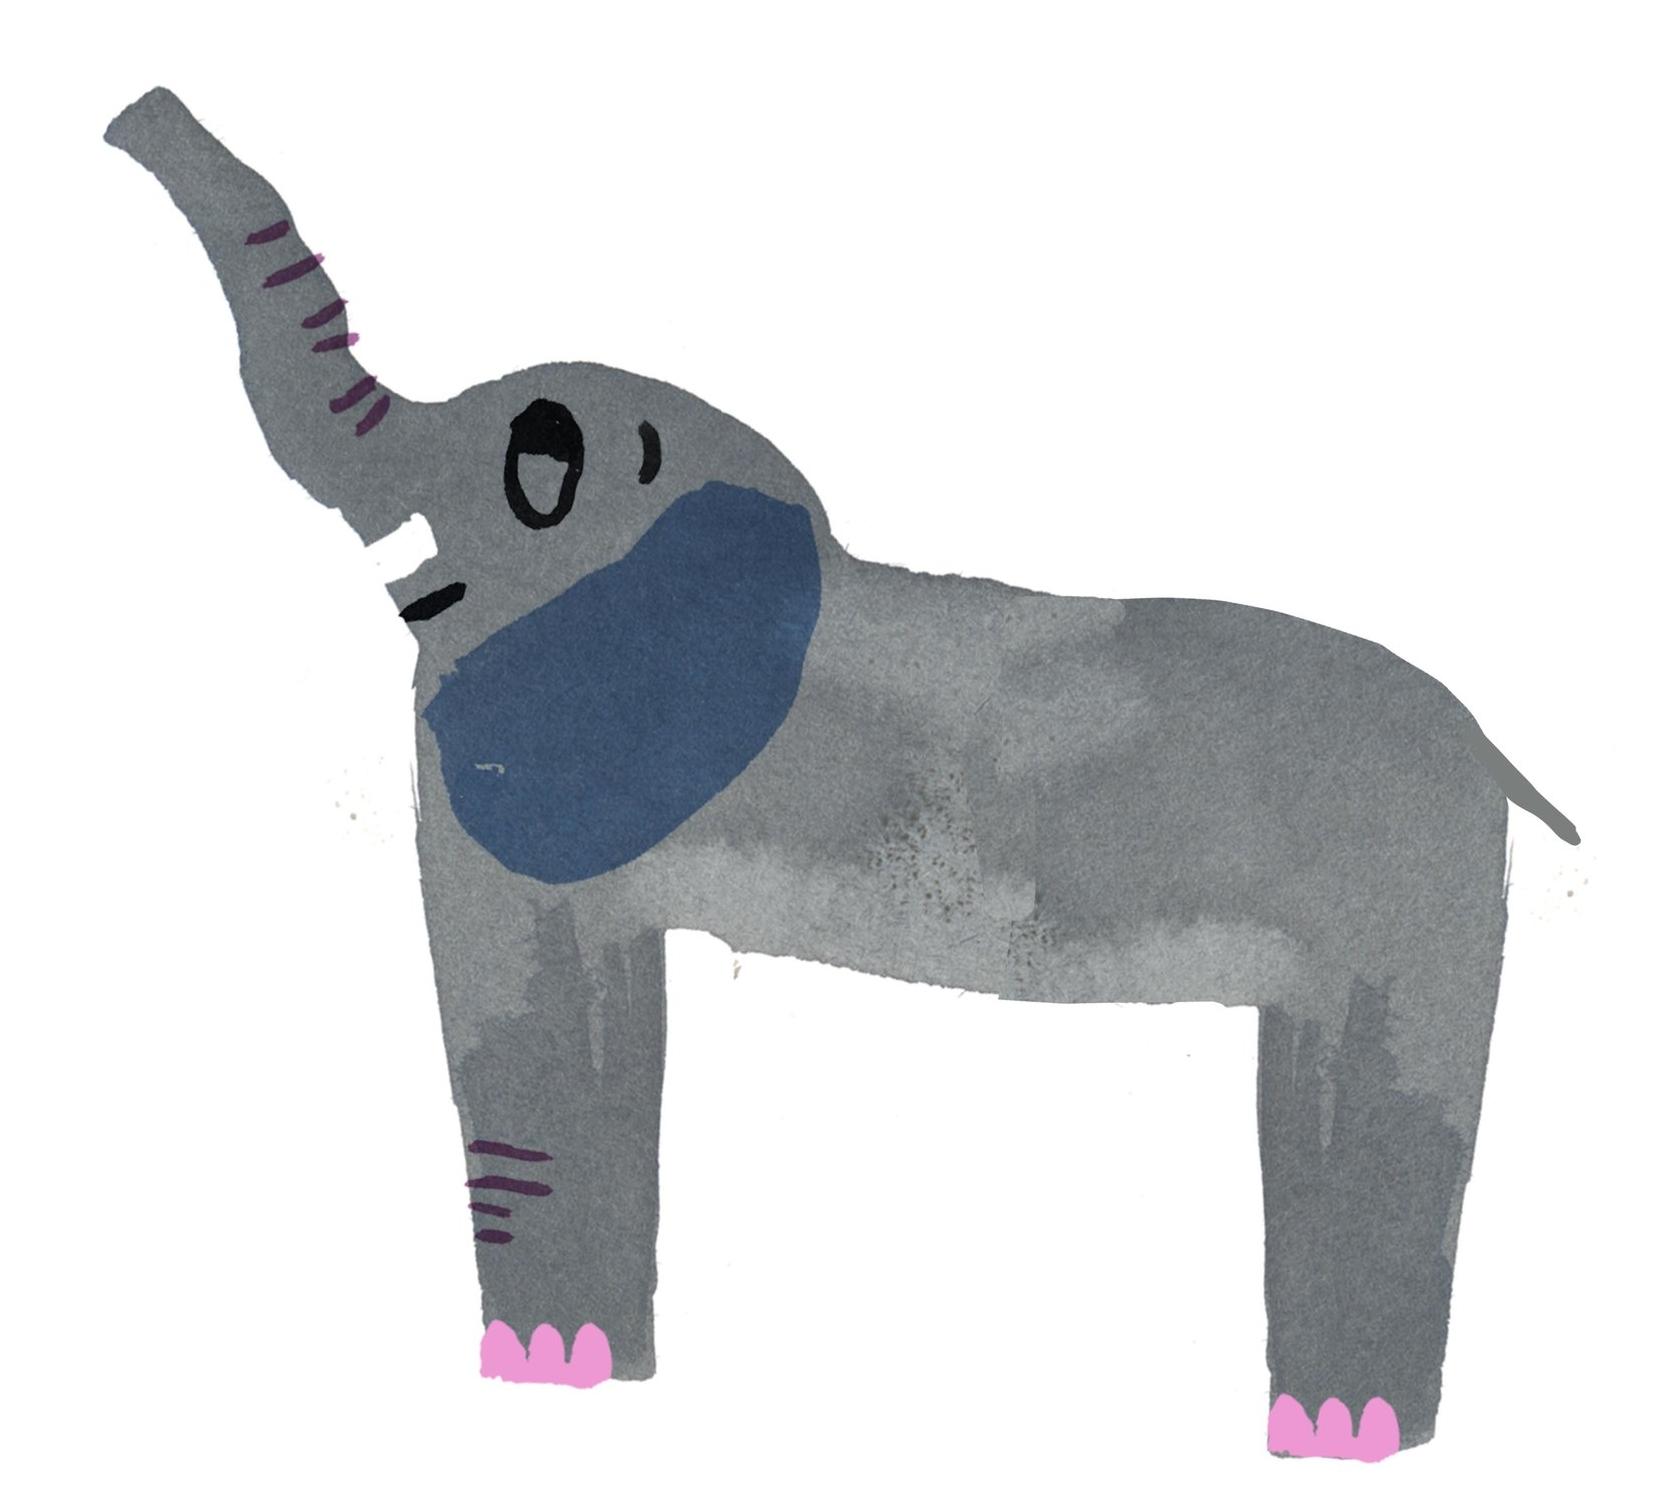 Unpublished personal elephant.